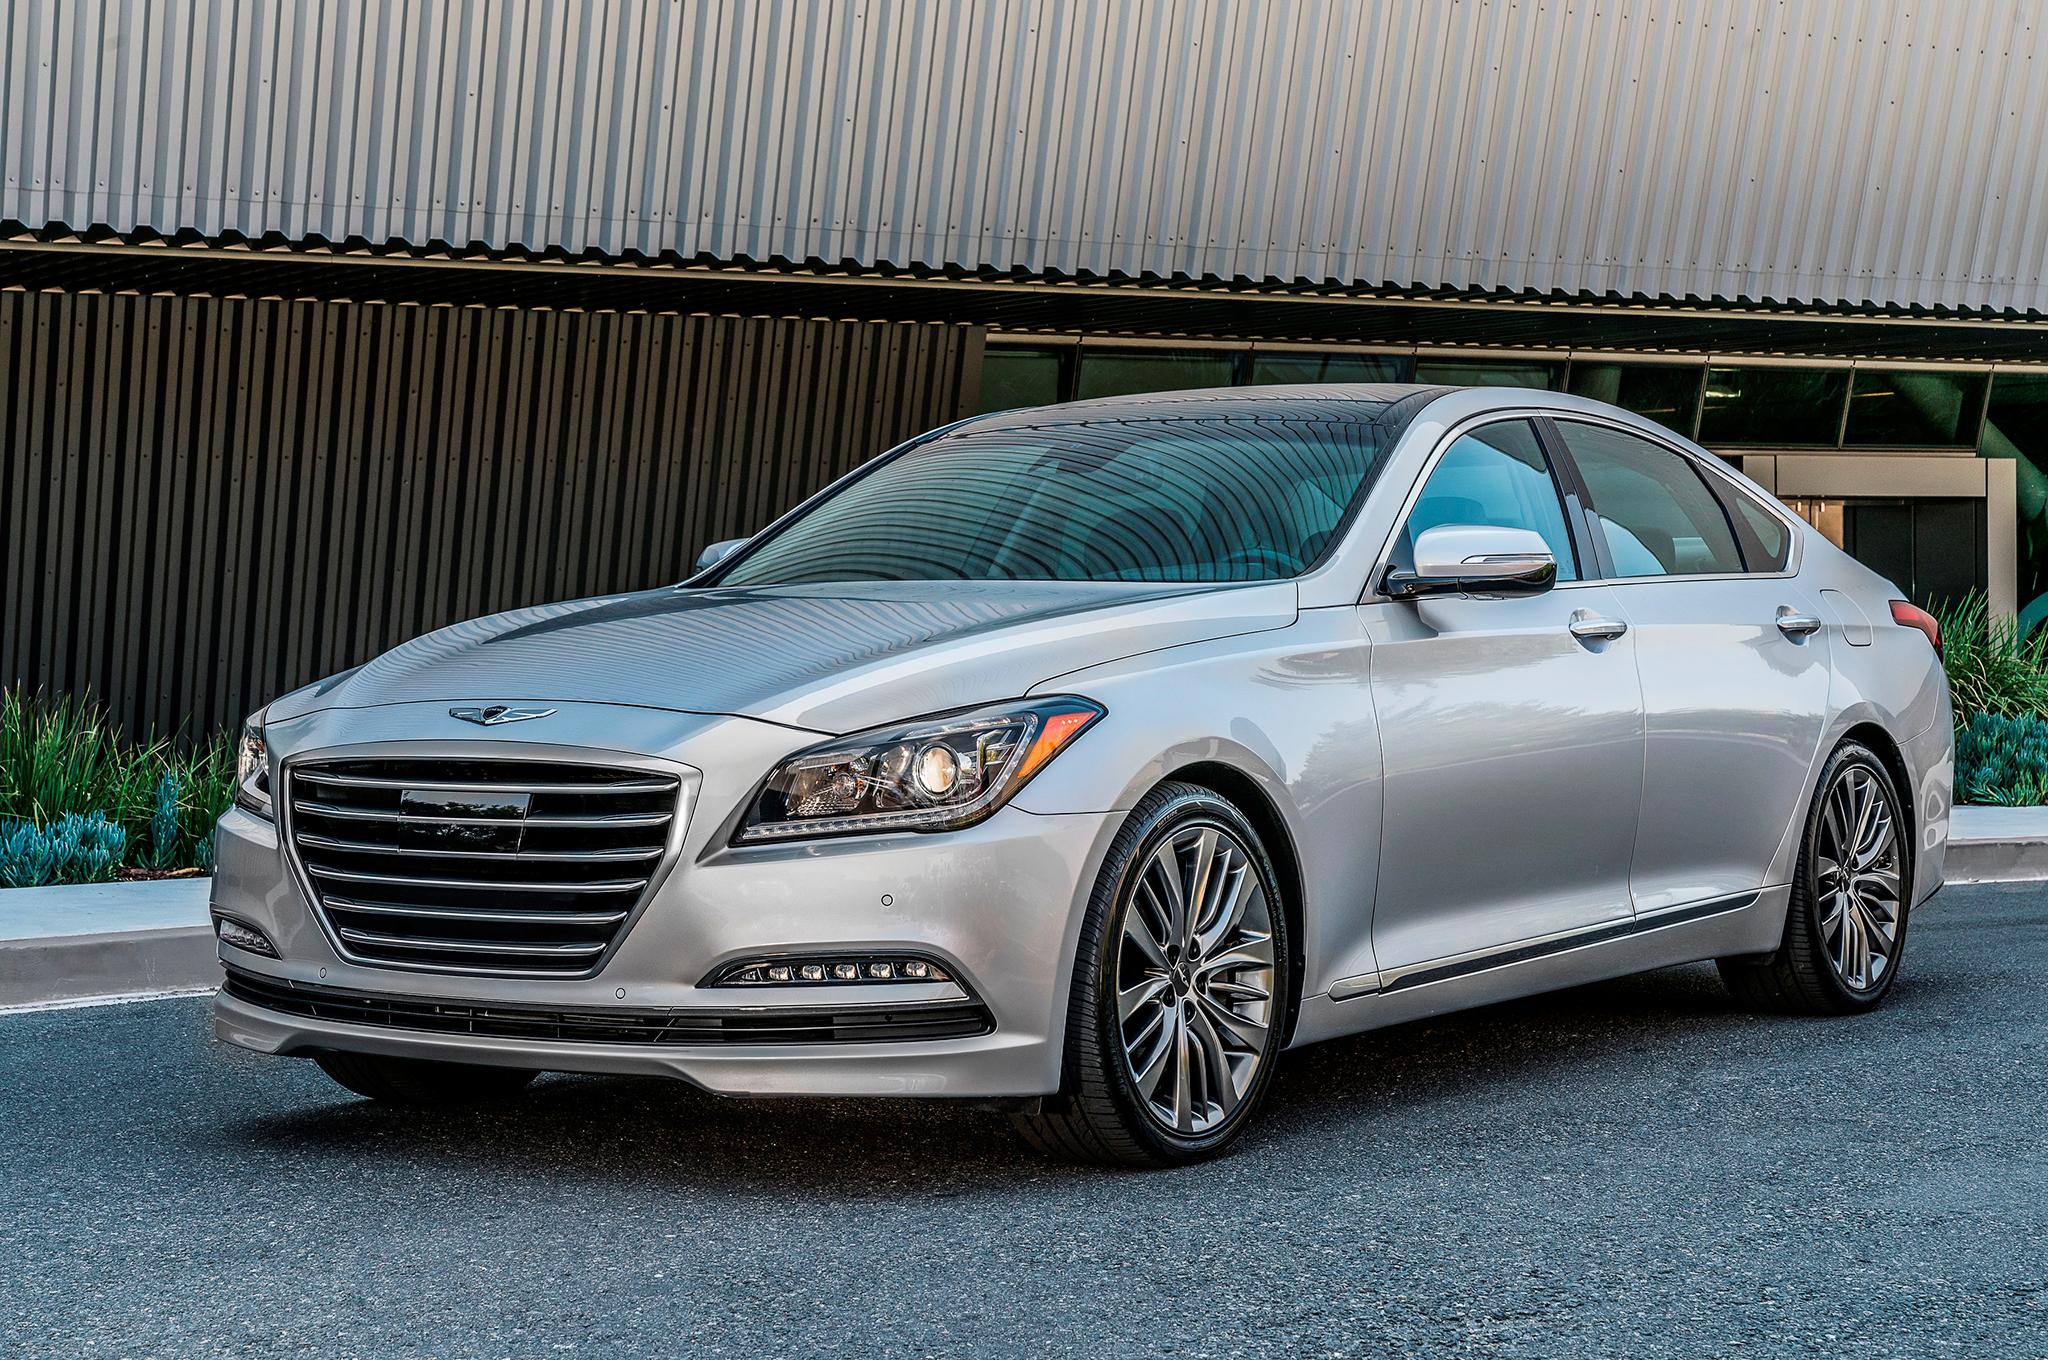 Смотреть 10 популярных моделей автомобилей, которые станут стоить дороже после увеличения акцизов в 2019 году видео